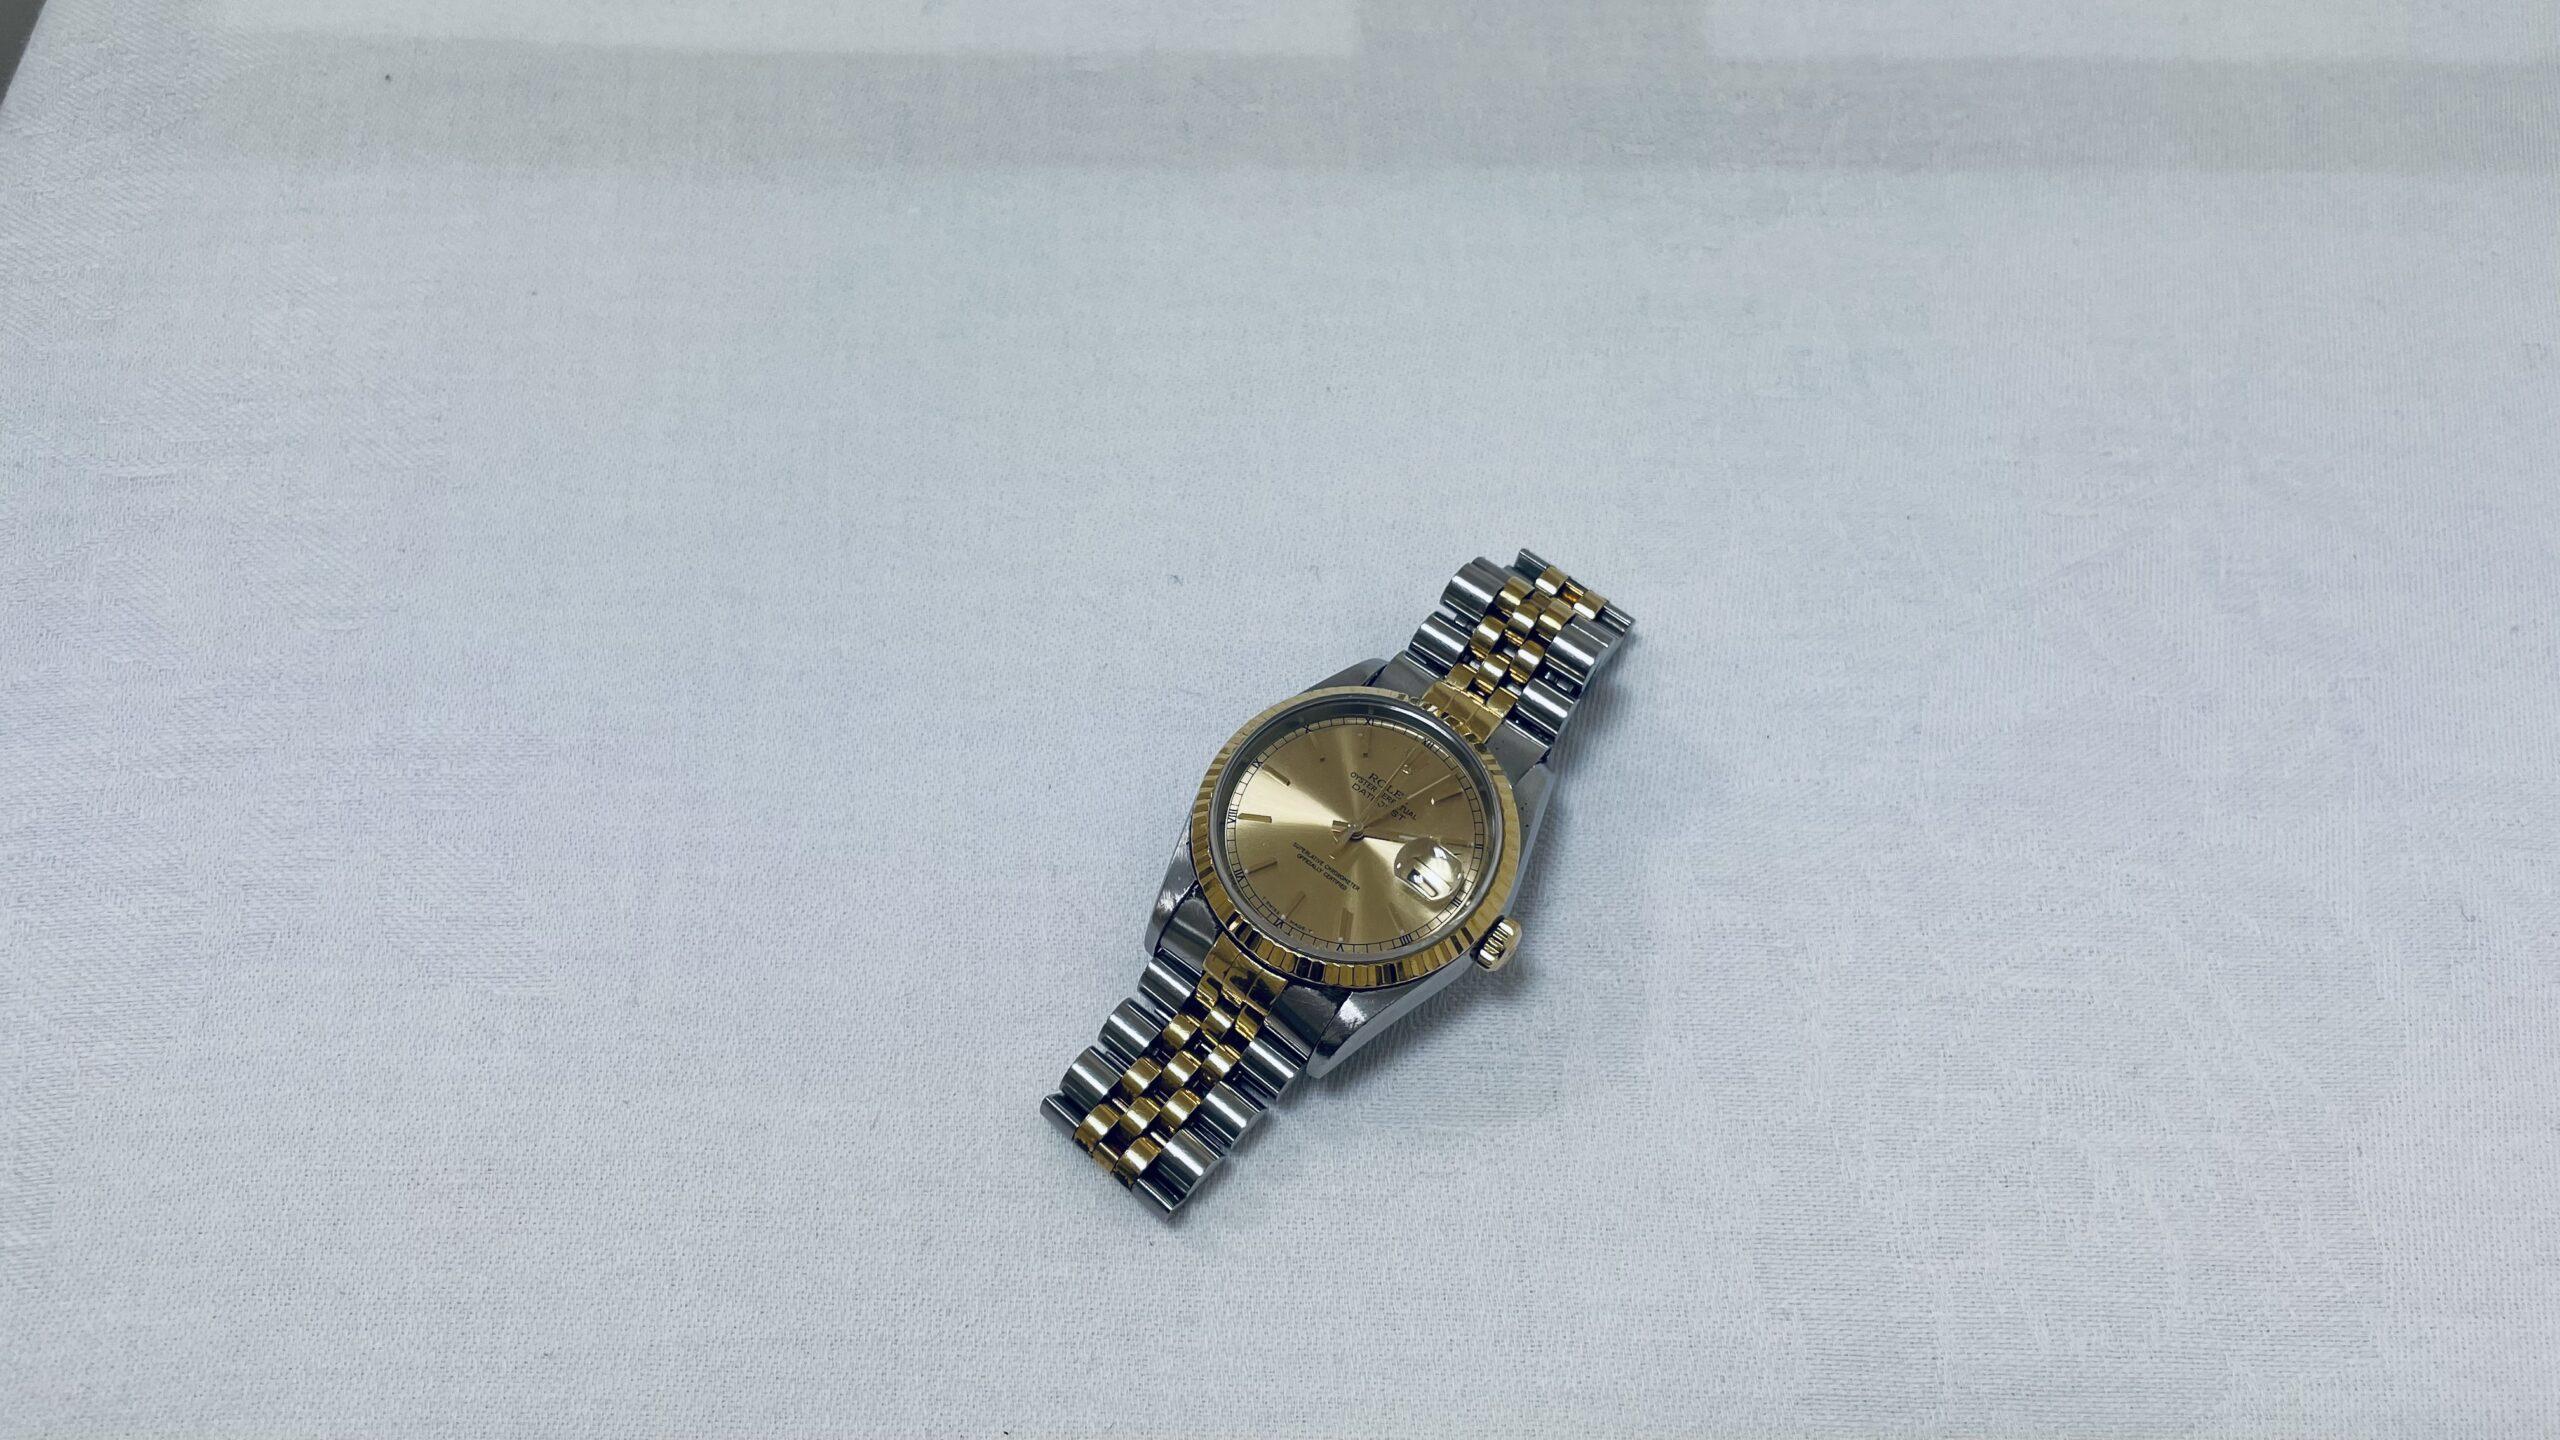 【買取速報】腕時計、K18YG、ステンレス、ROLEX-2021-02-13